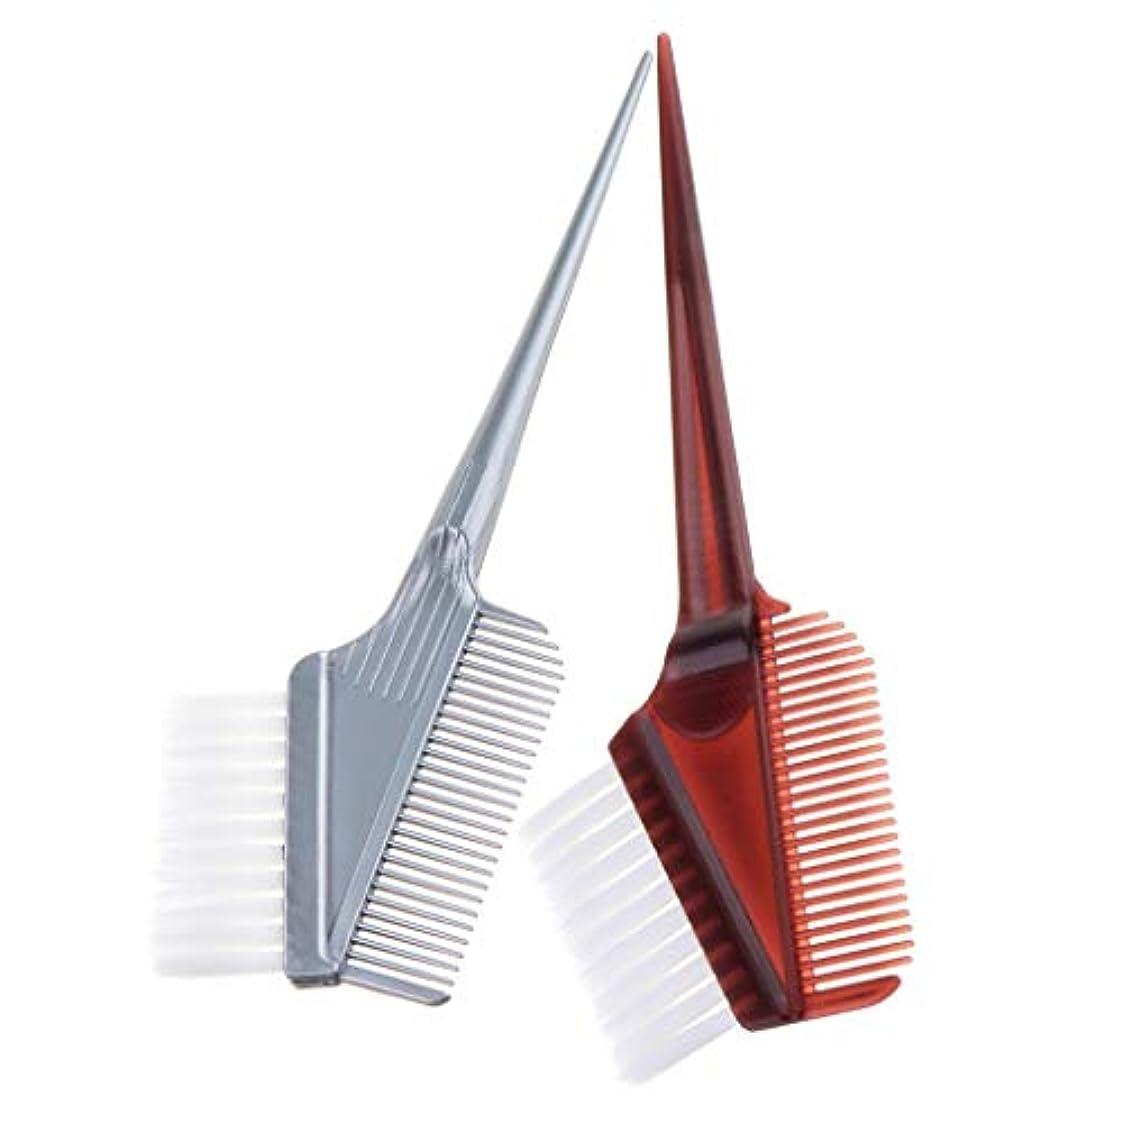 シェトランド諸島プール低下ヘアダイブラシ ヘアカラー 毛染め ヘアダイコーム 髪染め プラスチック 家庭用 美容師